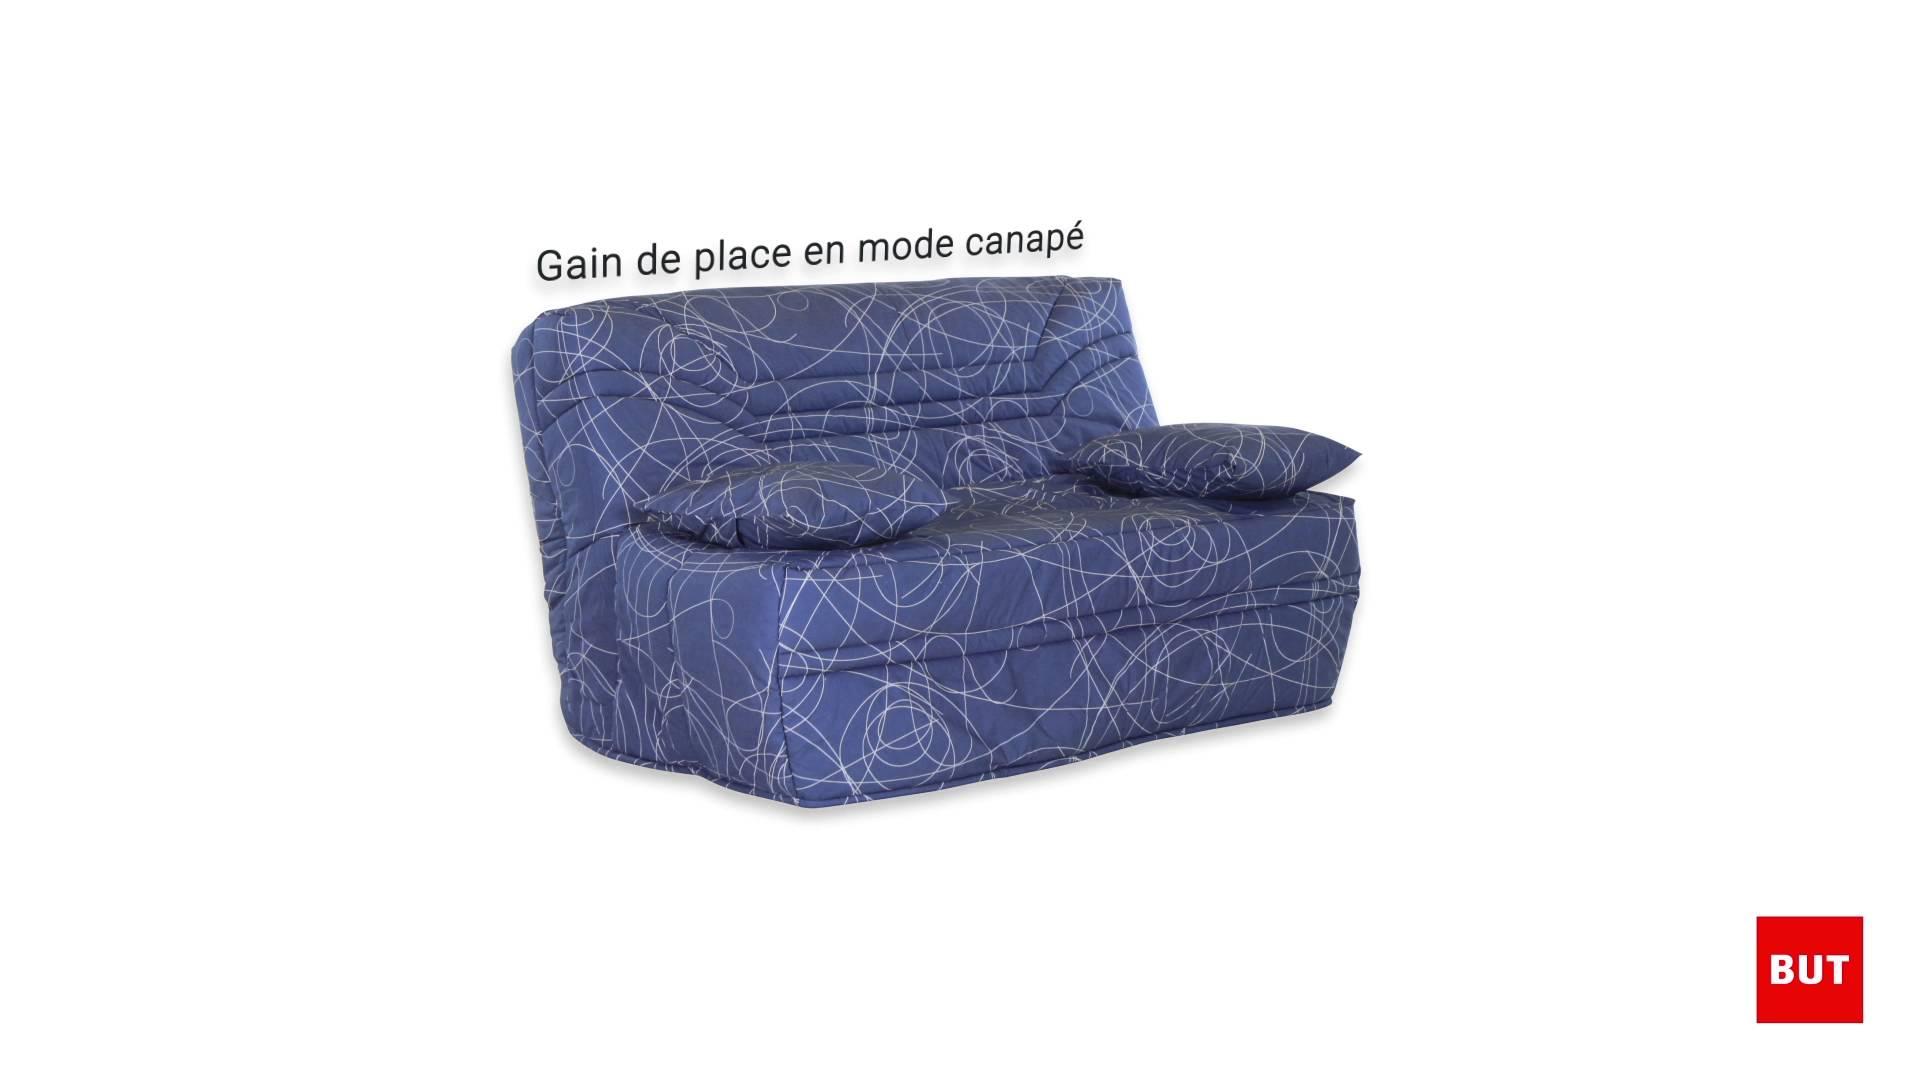 canape bz a but maison et mobilier d 39 int rieur. Black Bedroom Furniture Sets. Home Design Ideas